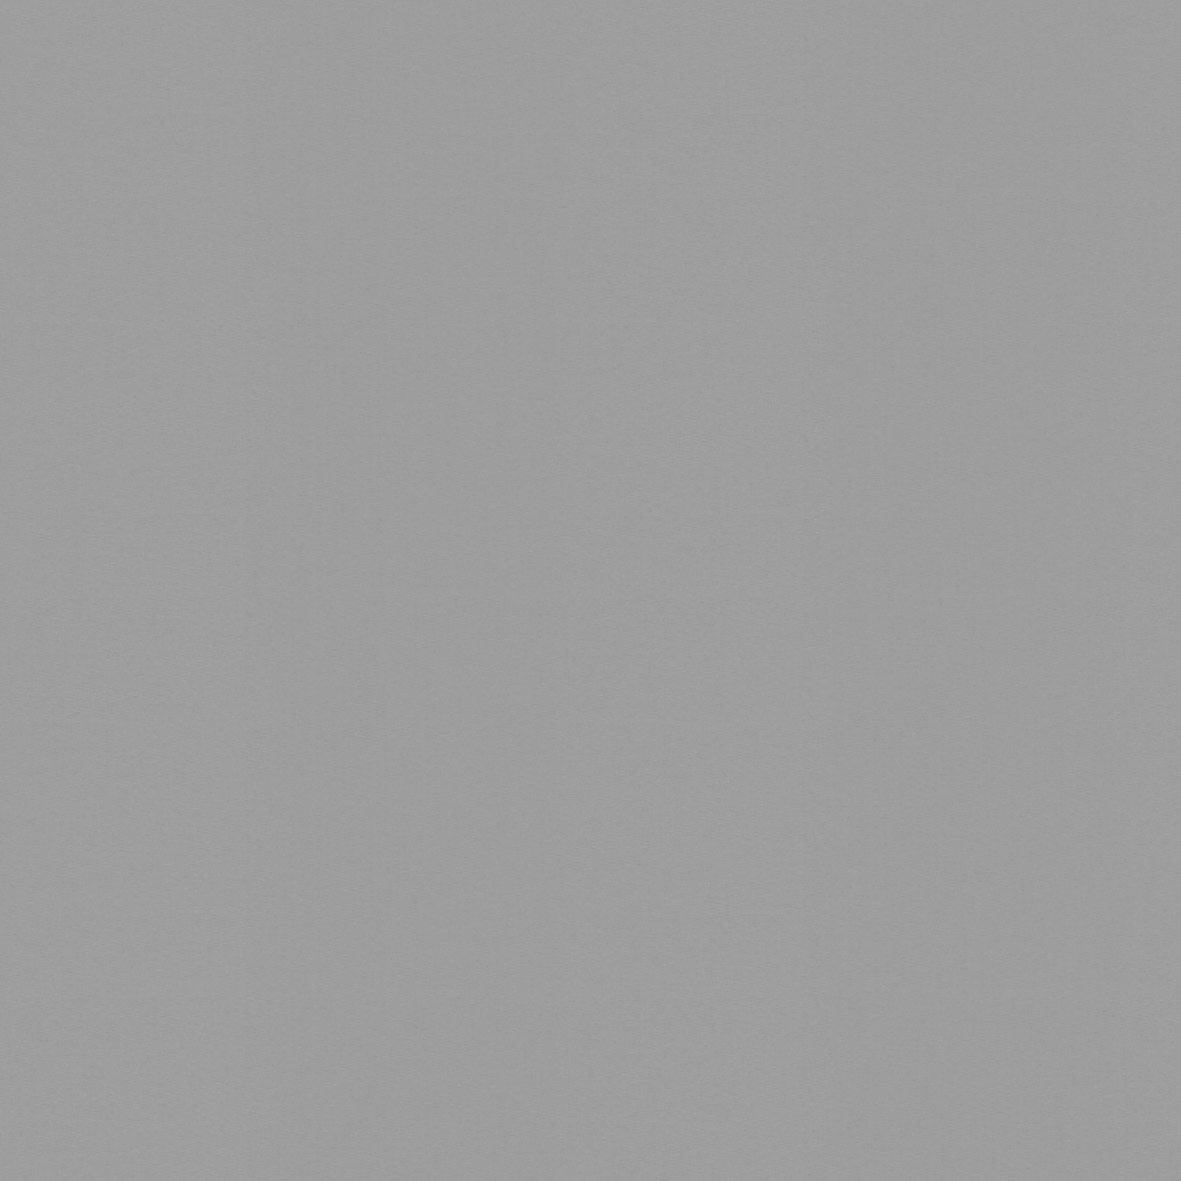 Roller_Swatch_Banlight_FR_Grey_RE0289